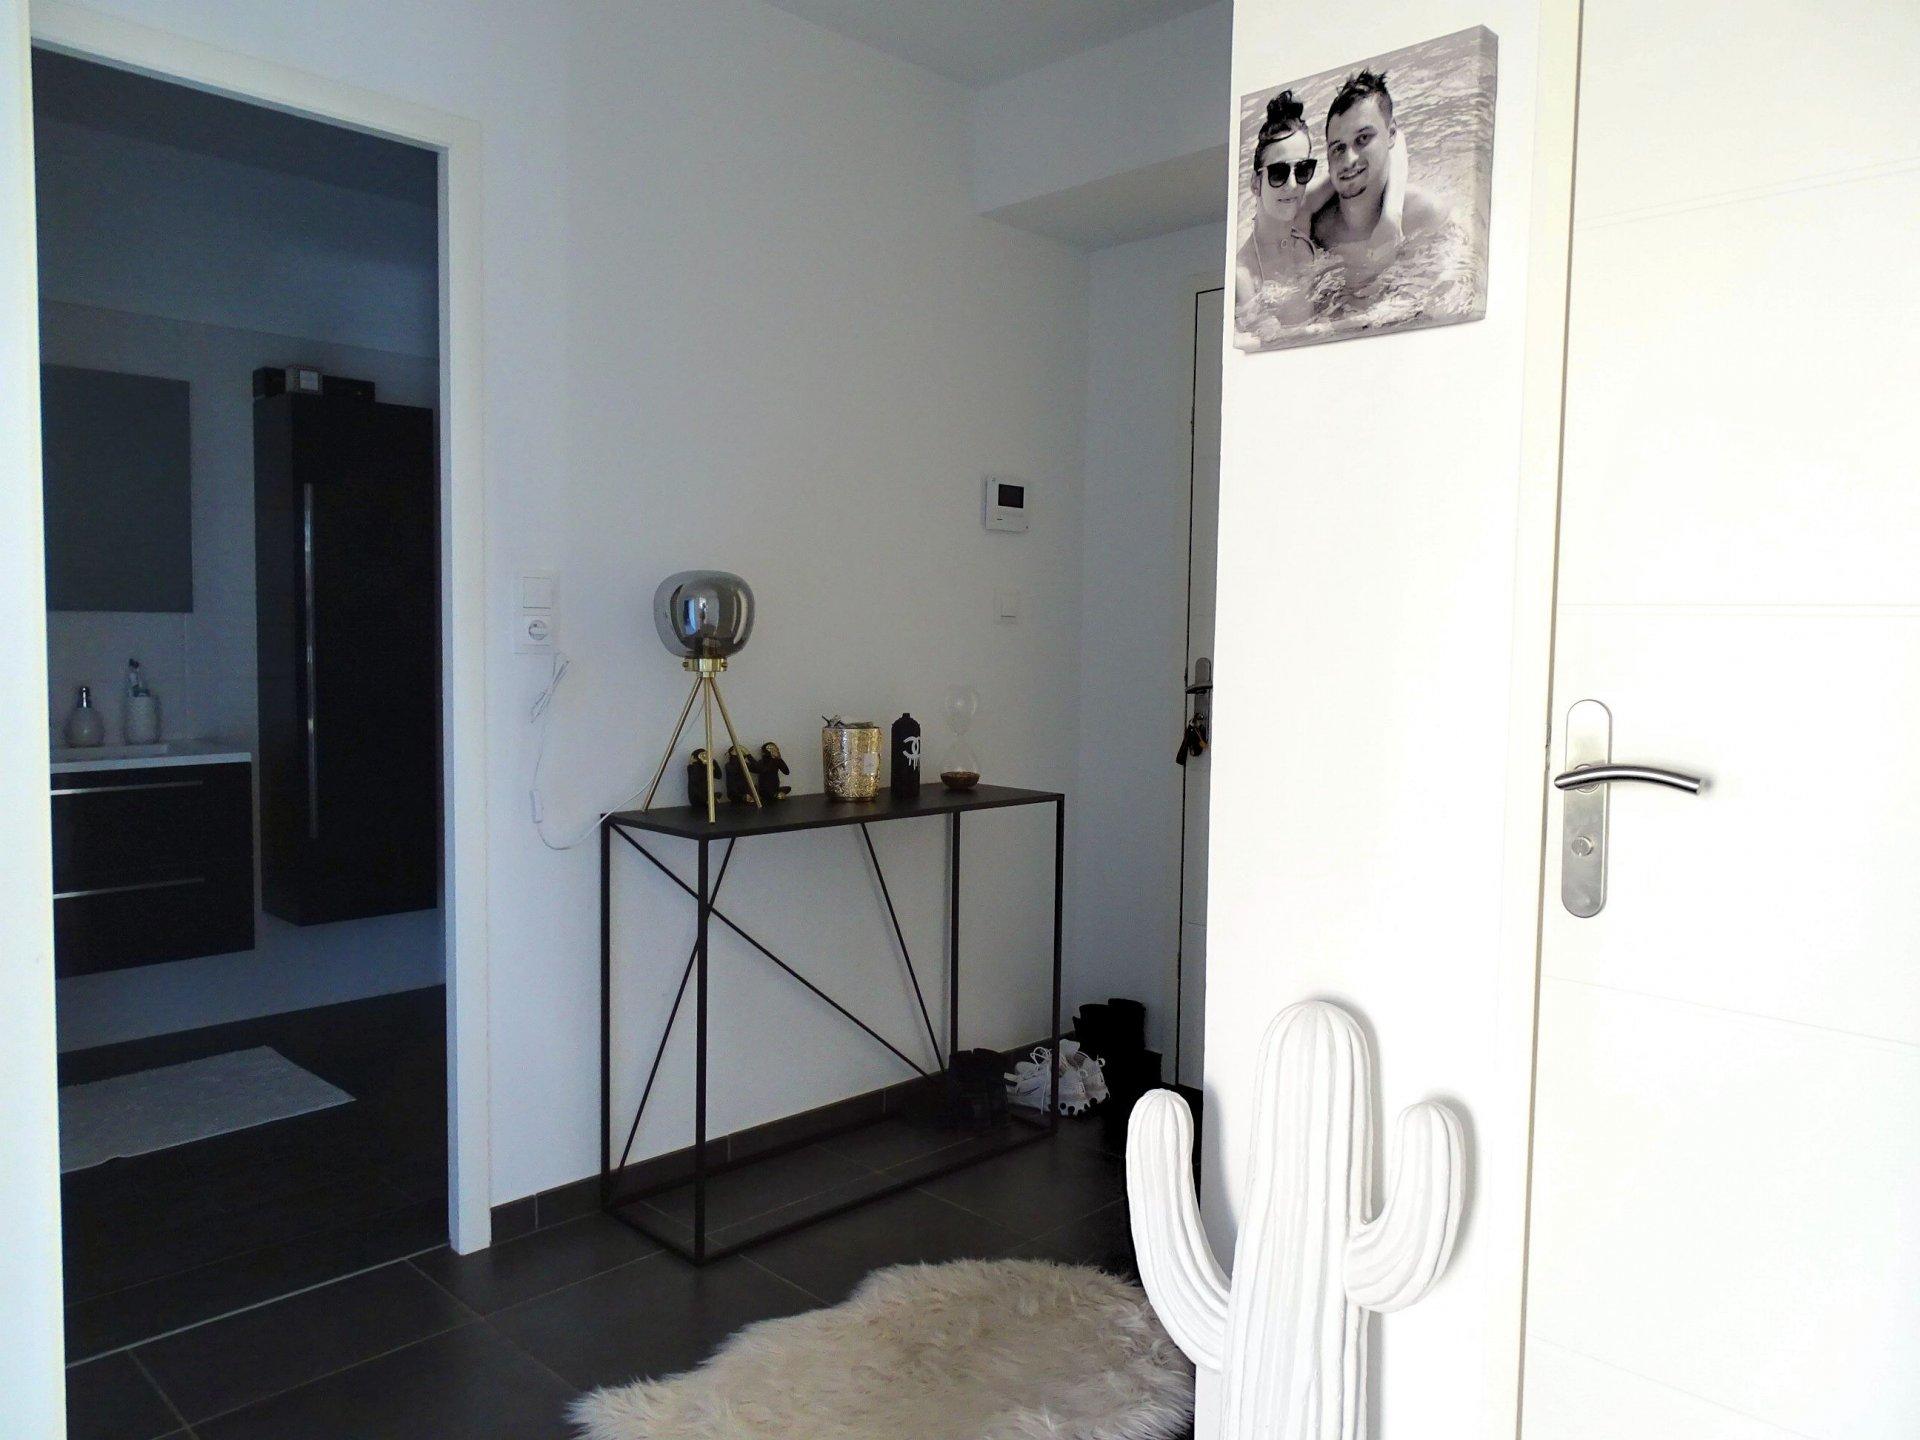 SOUS COMPROMIS Charnay lès Mâcon, au calme, à pieds de toutes les  commodités, découvrez ce grand T2 dans une résidence récente et sécurisée d'une surface de 56.26 m². Il se compose d'une entrée avec placards, d'une lumineuse pièce de vie avec cuisine aménagée et équipée, d'une chambre, d'une salle d'eau avec douche italienne et d'un toilette indépendant. Une agréable terrasse de 17.74 m² exposée ouest ainsi qu'un grand cellier et une place de parking privative complètent ce bien. Appartement très lumineux et soigneusement entretenue. De belles prestations sont à noter: visiophone, portail électrique, chauffage par pompe à chaleur. Bien soumis au régime de la copropriété (27 lots principaux - charges 83 euros/mois). Honoraires à la charge du vendeur.